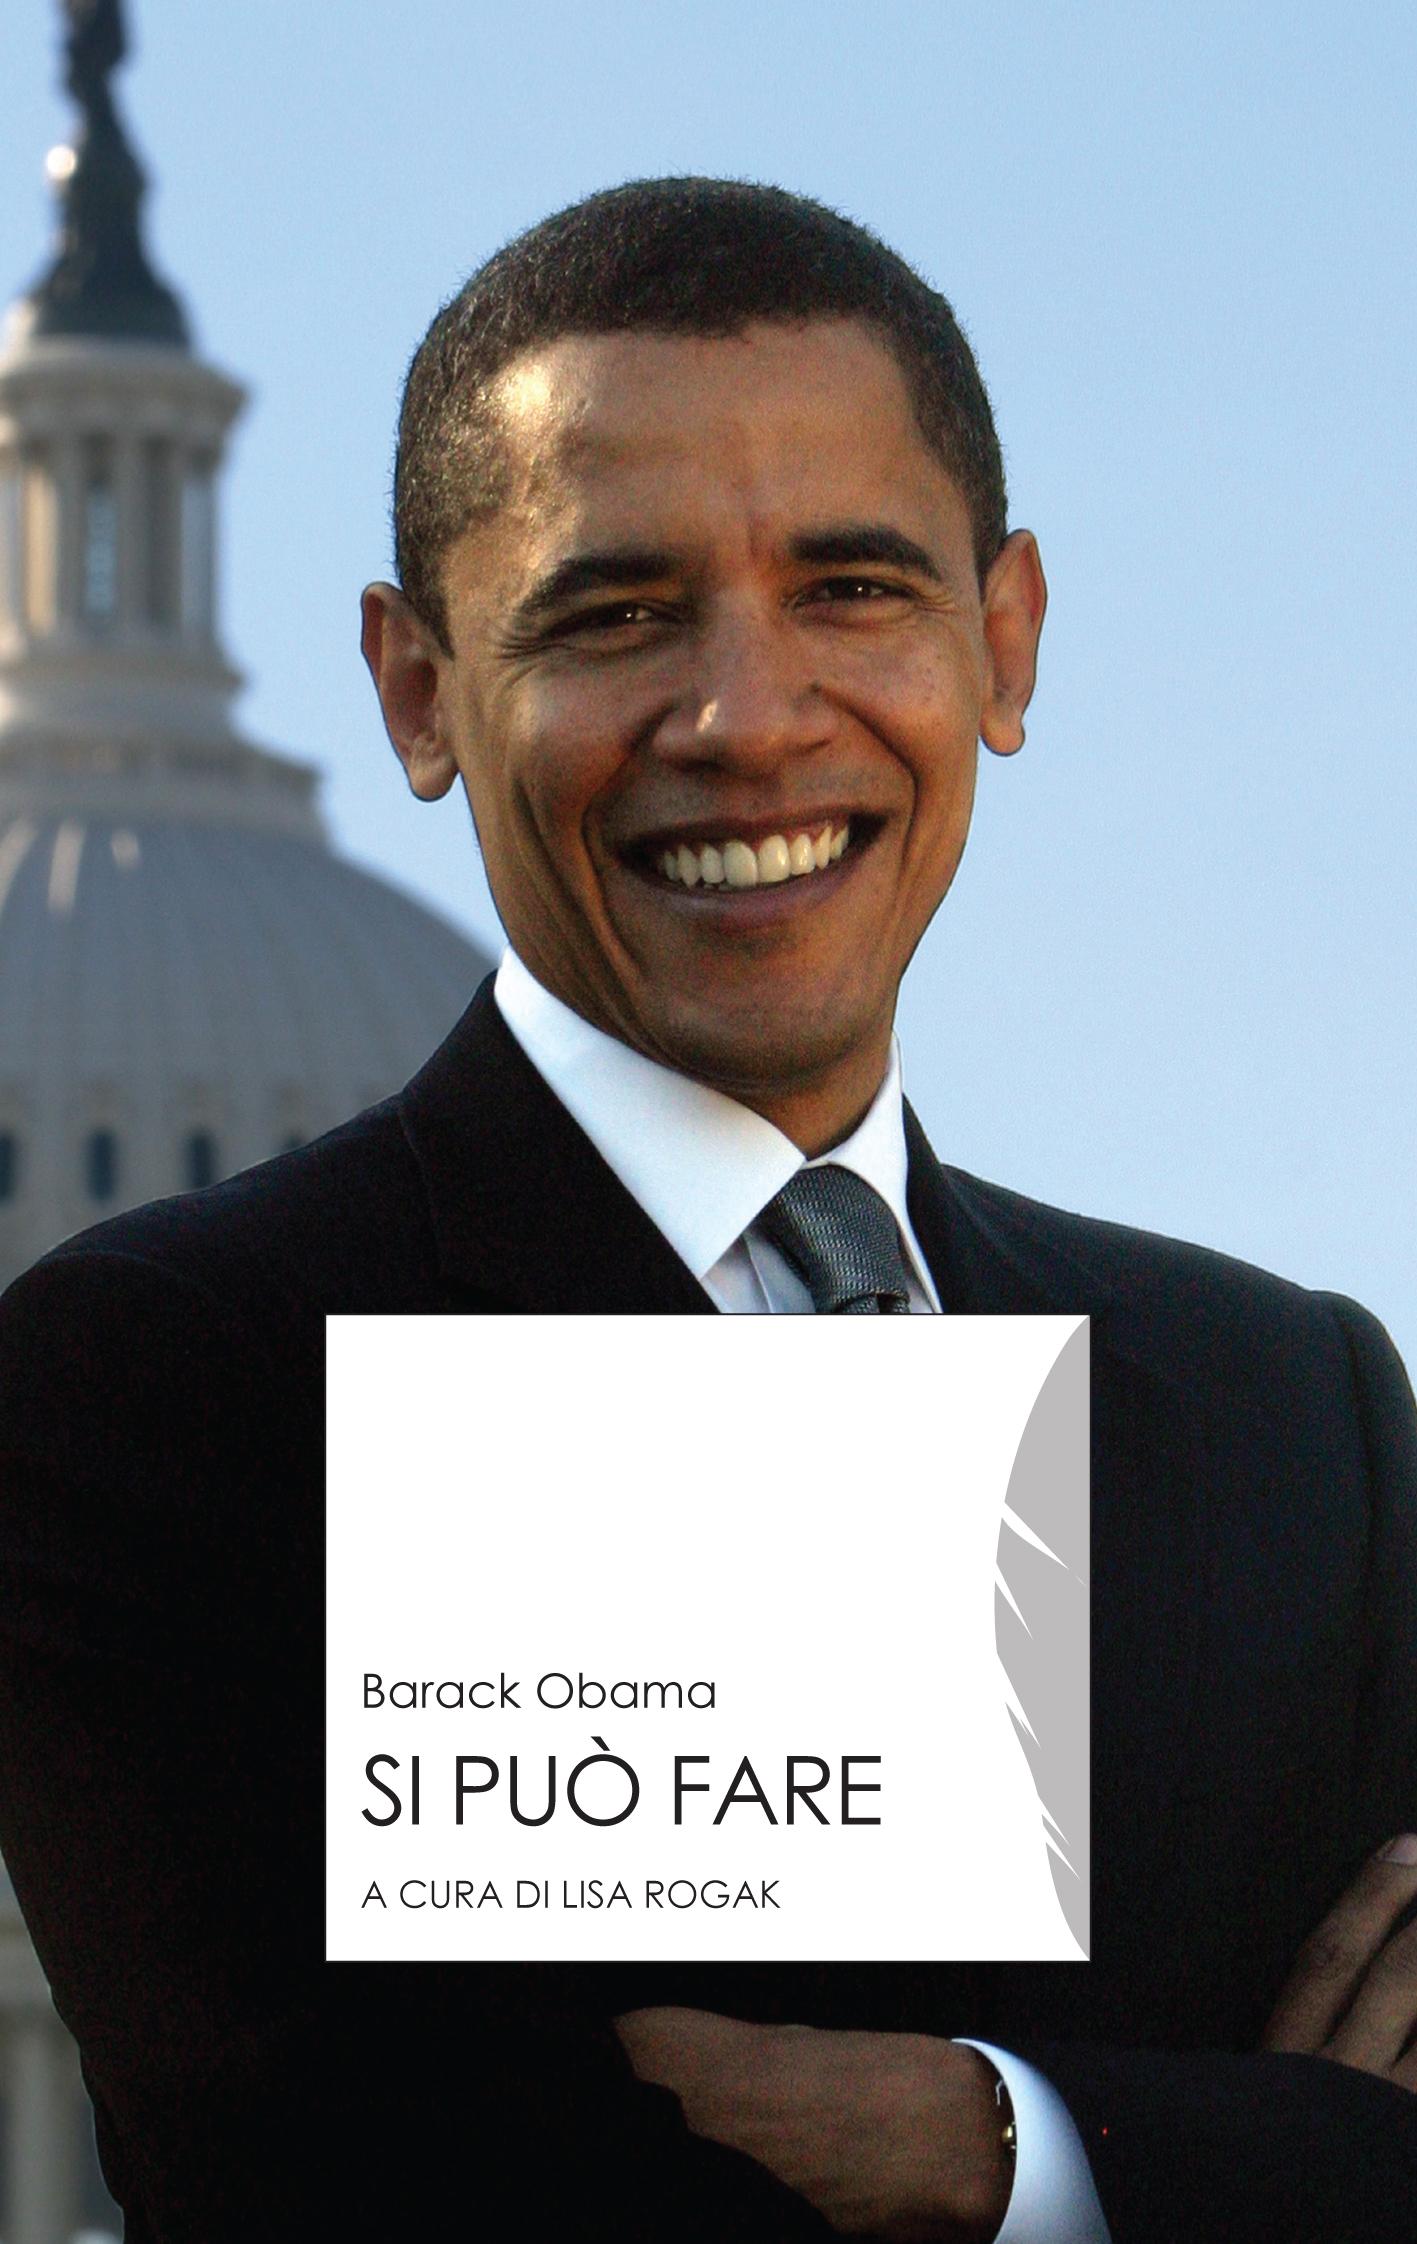 barack Obama si può fare